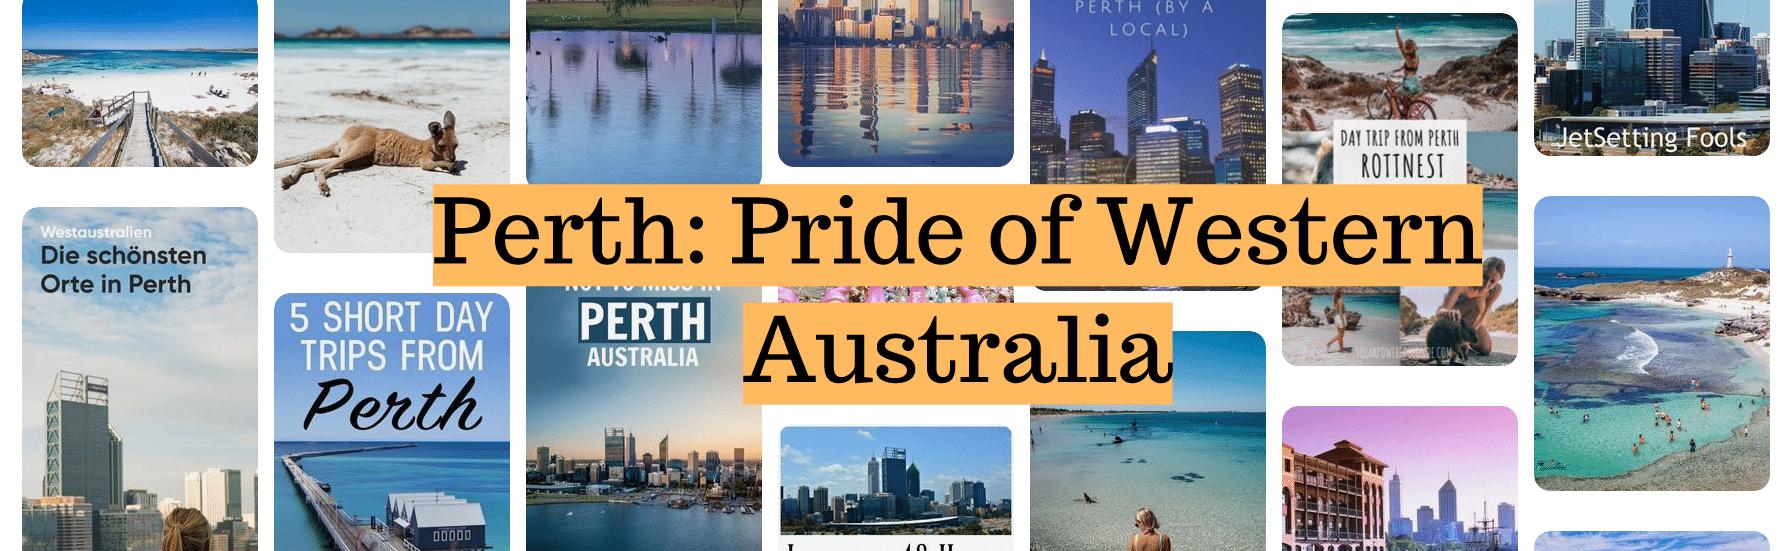 Perth Pride of Western Australia